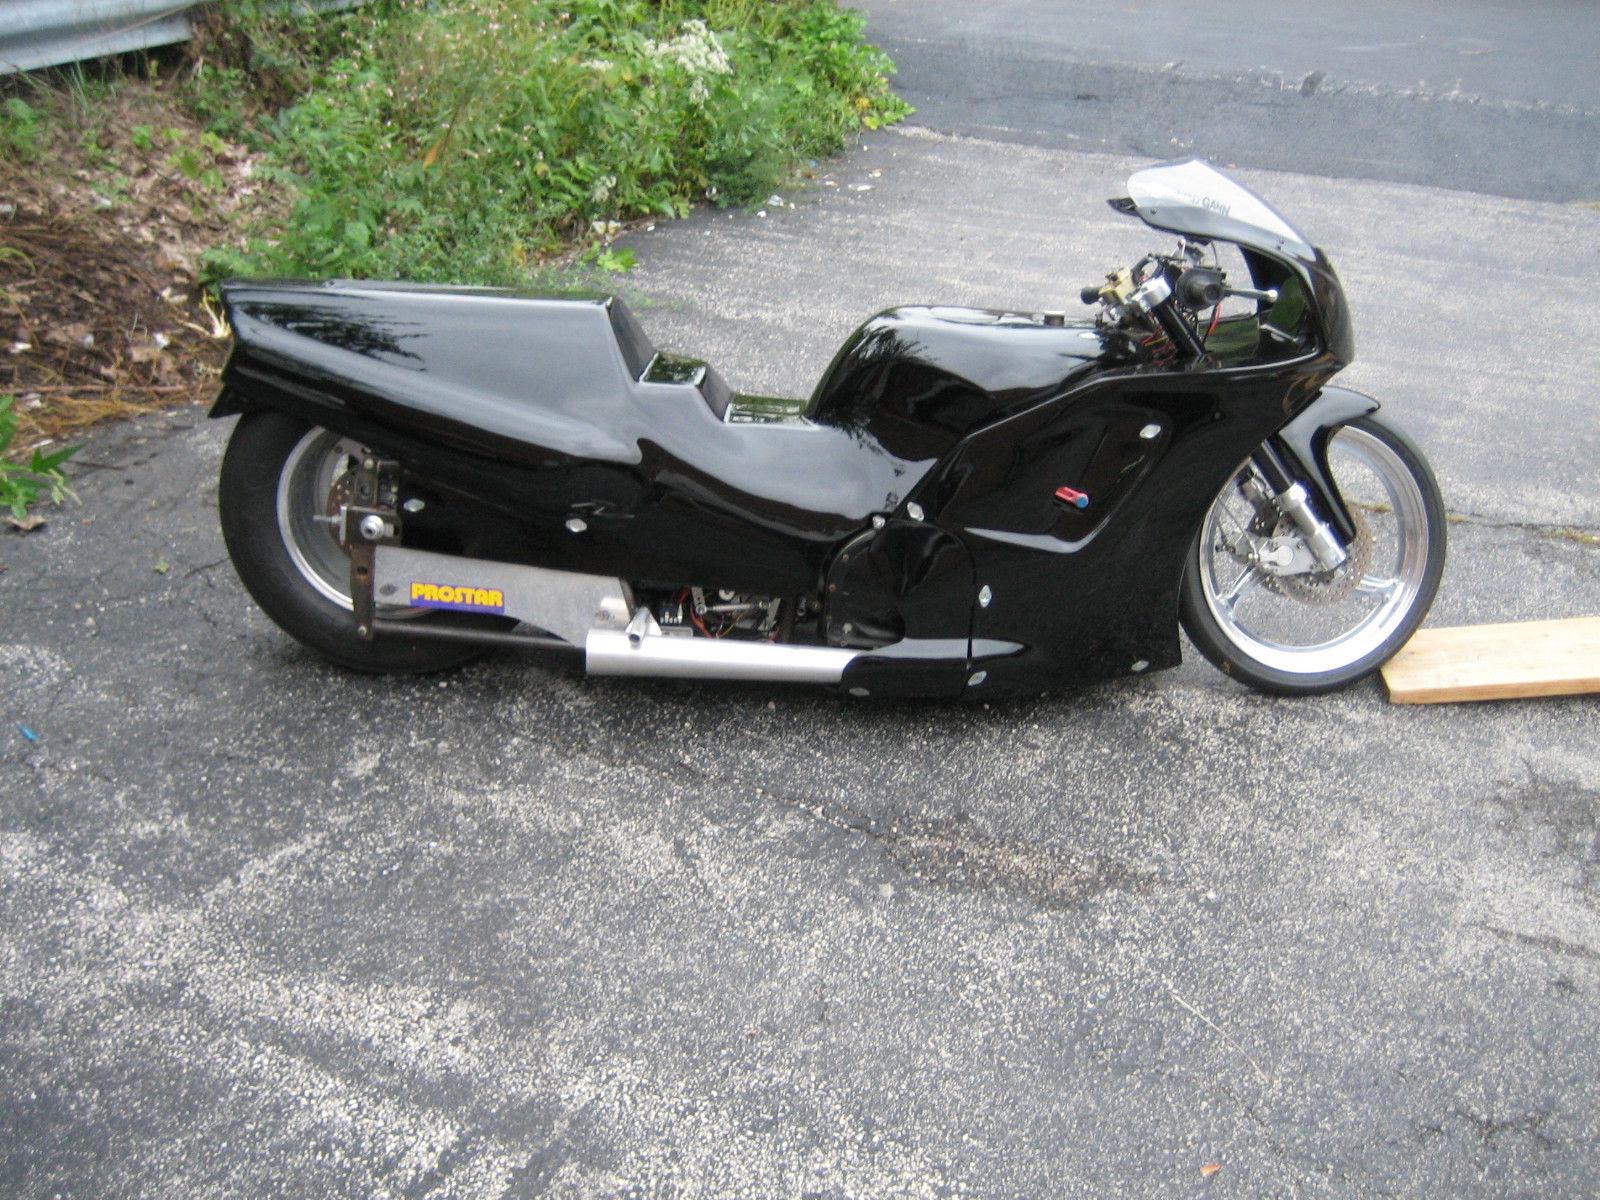 Suzuki Katana Price